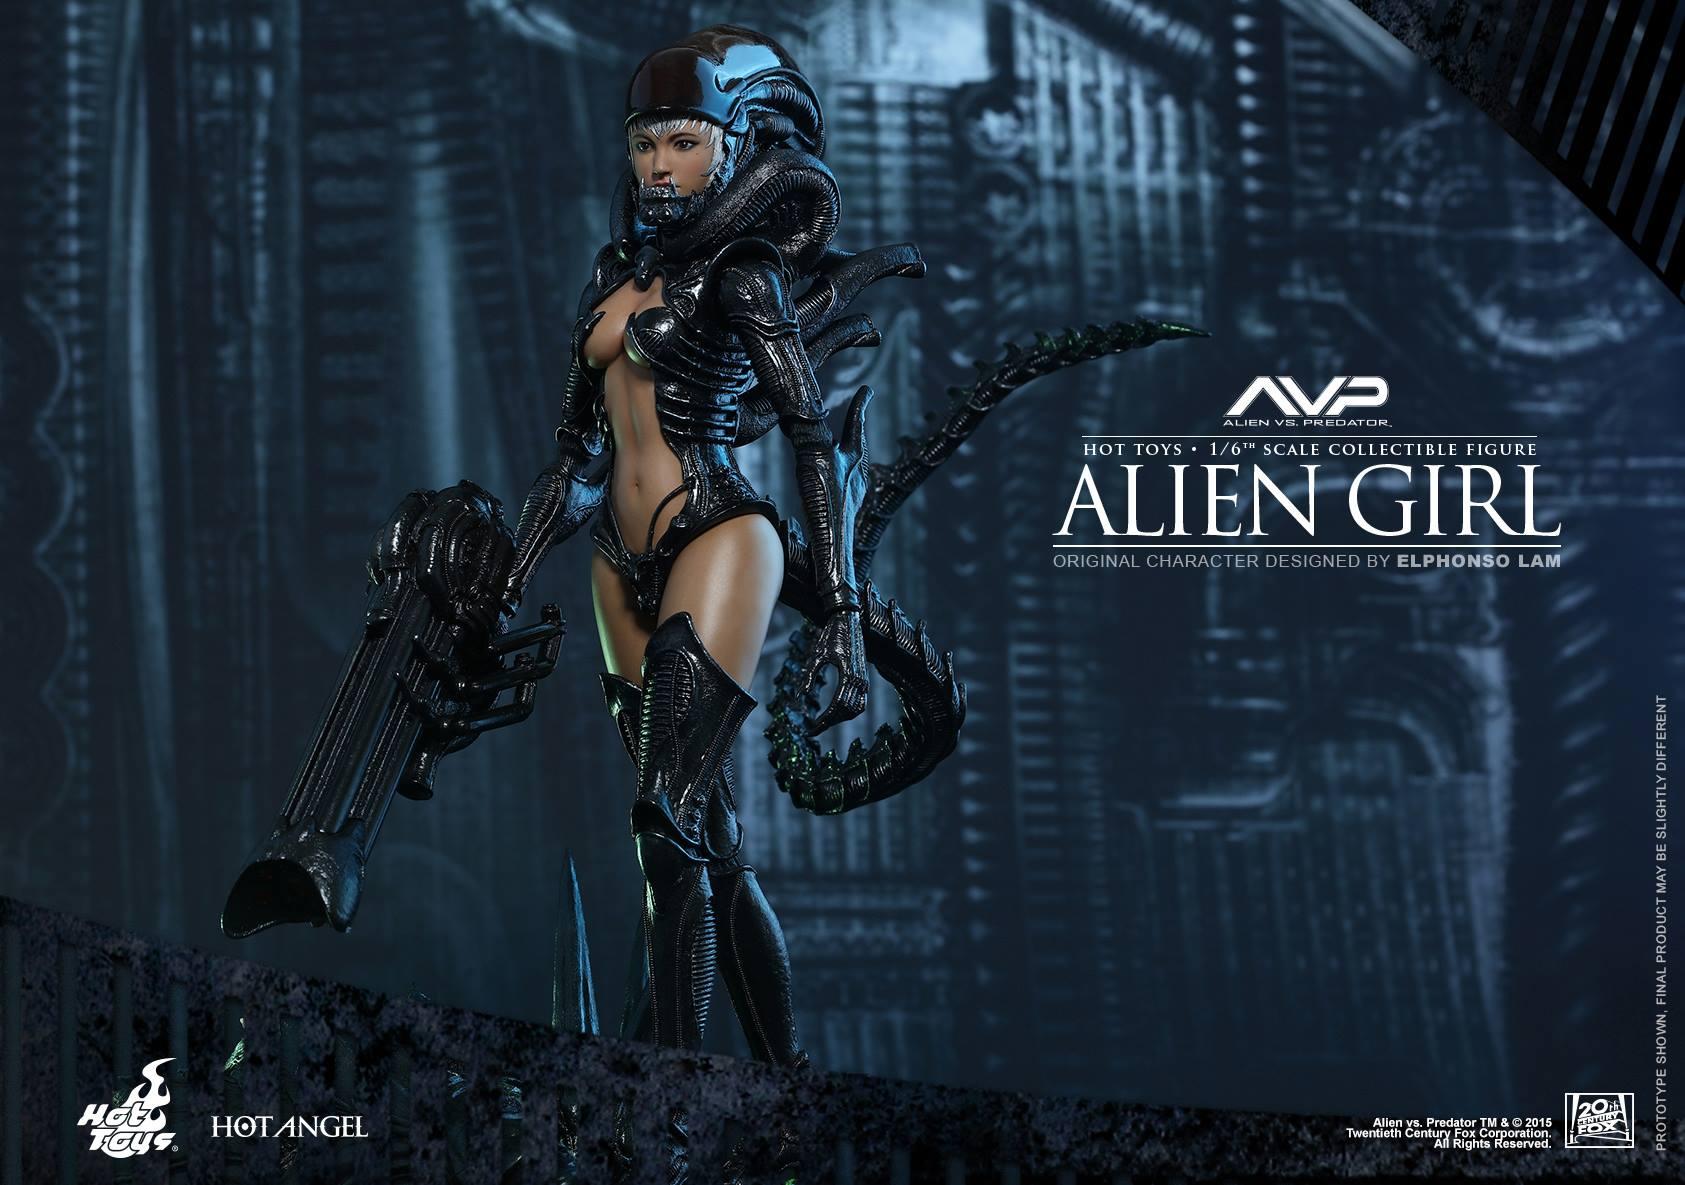 HOT TOYS - AVP - Alien Girl 290819111